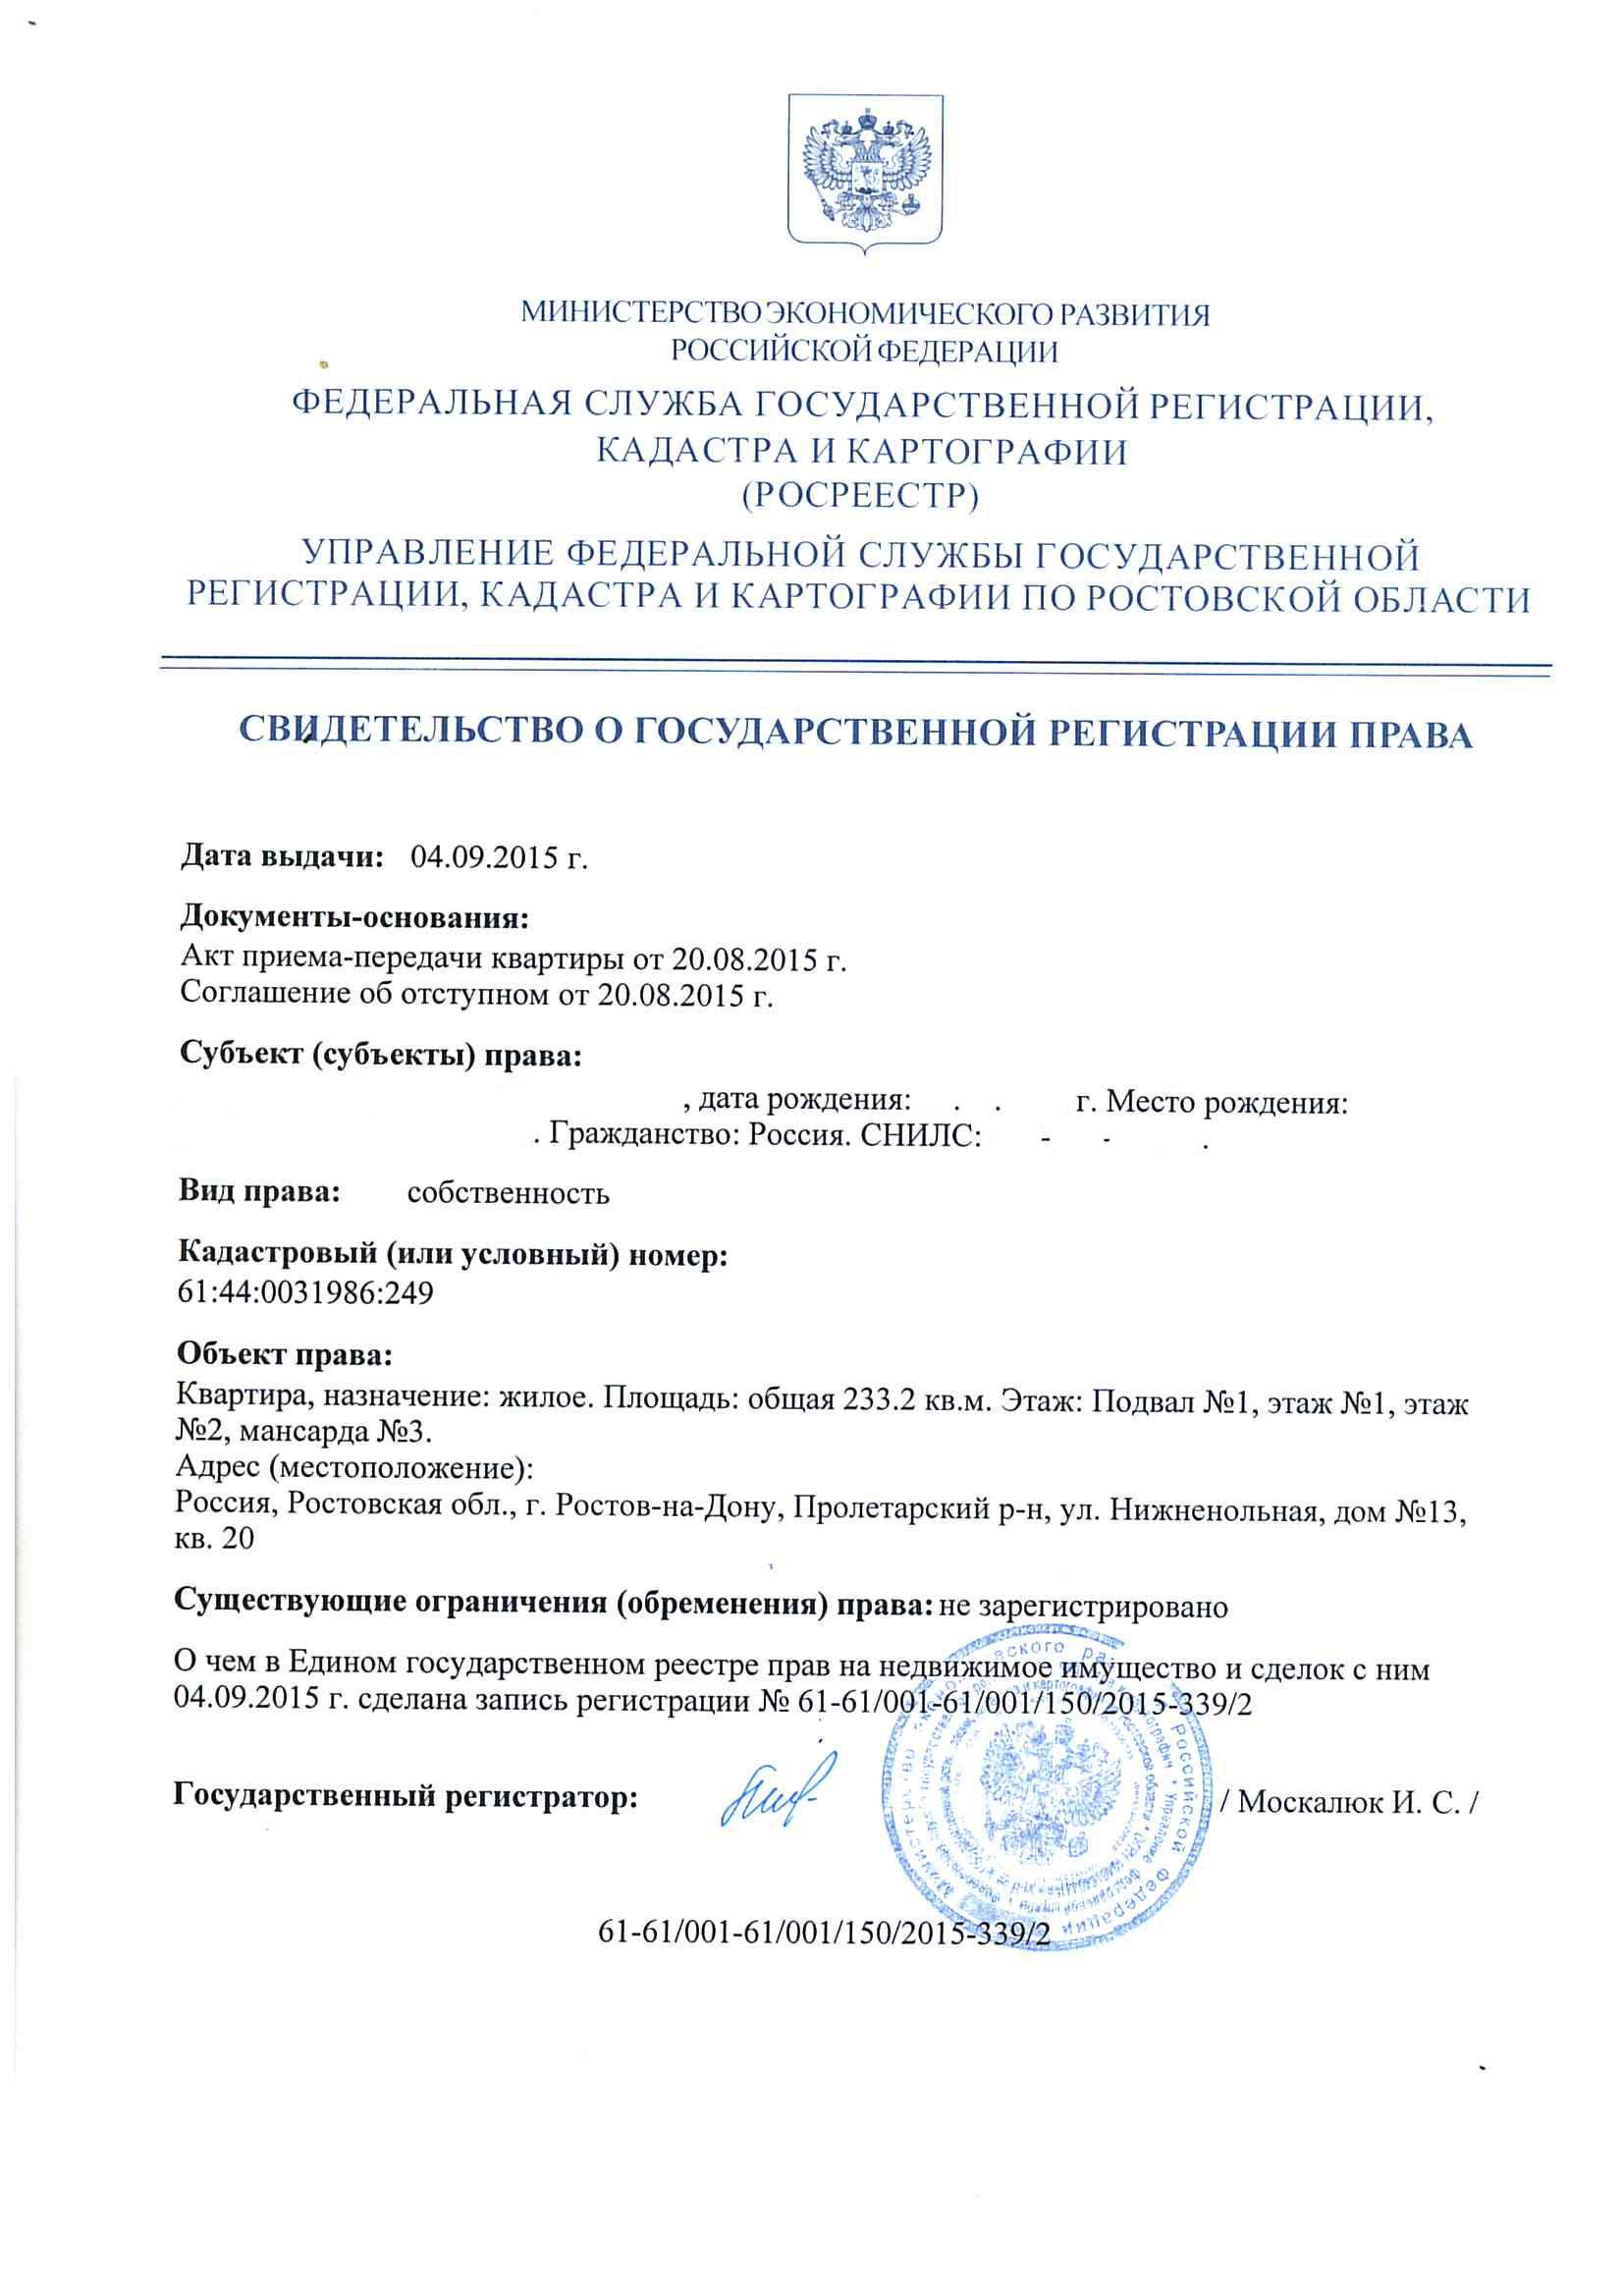 Свидетельство о гос регистрации квартира 20